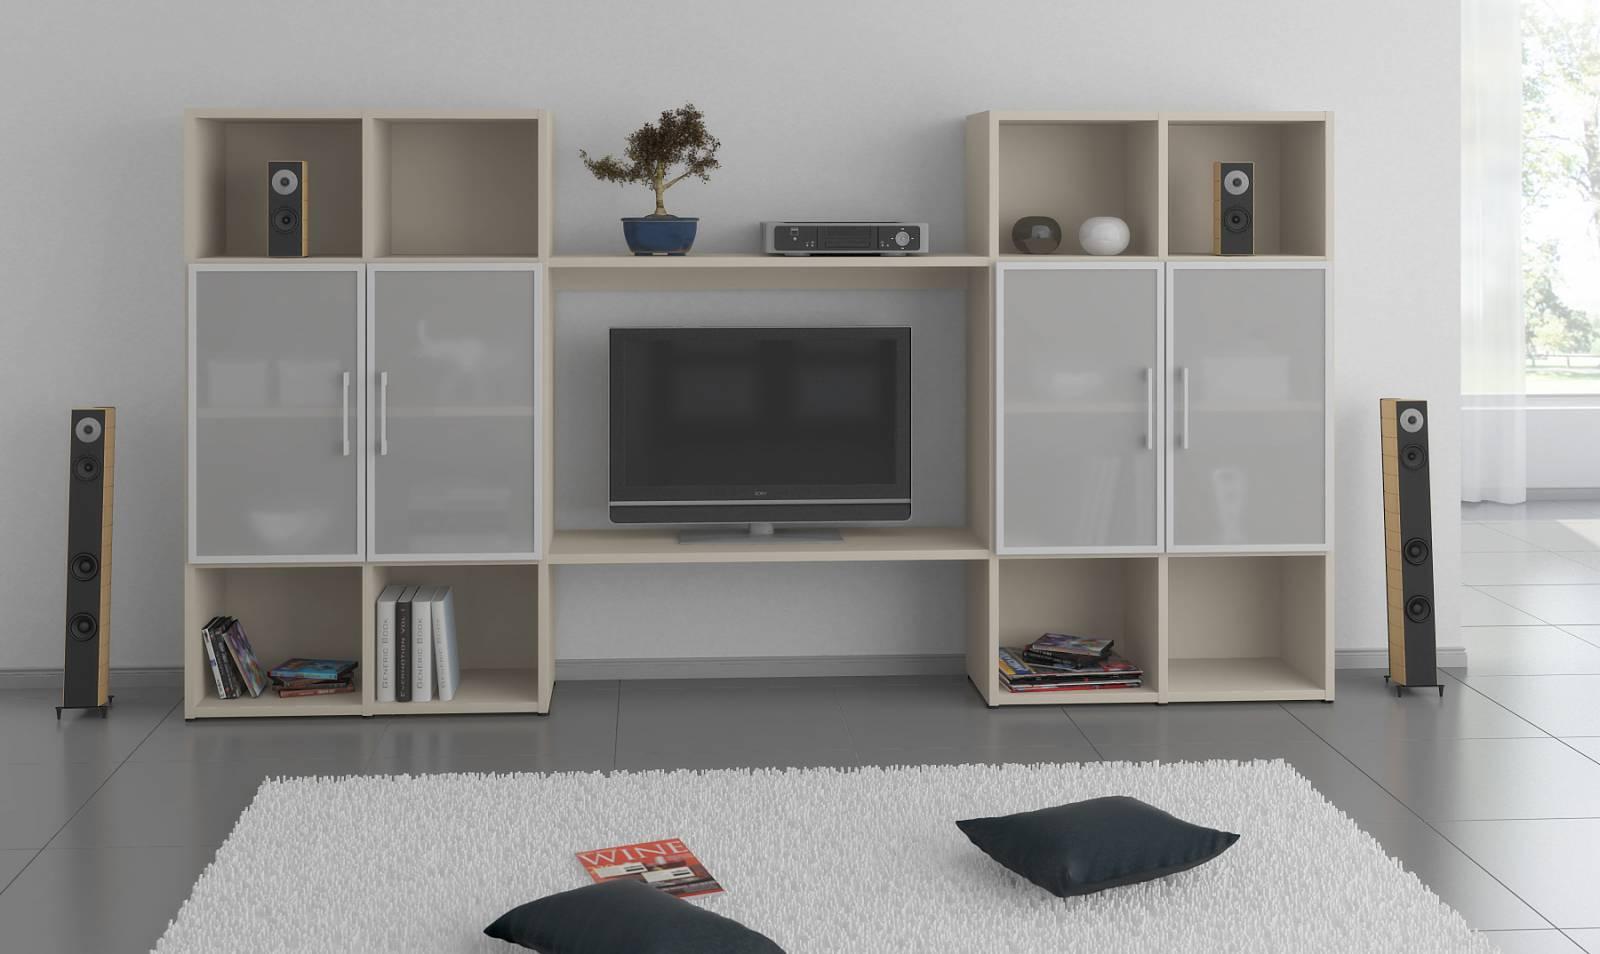 Столы для переговоров сп мебель бэнт - smart-mebel.